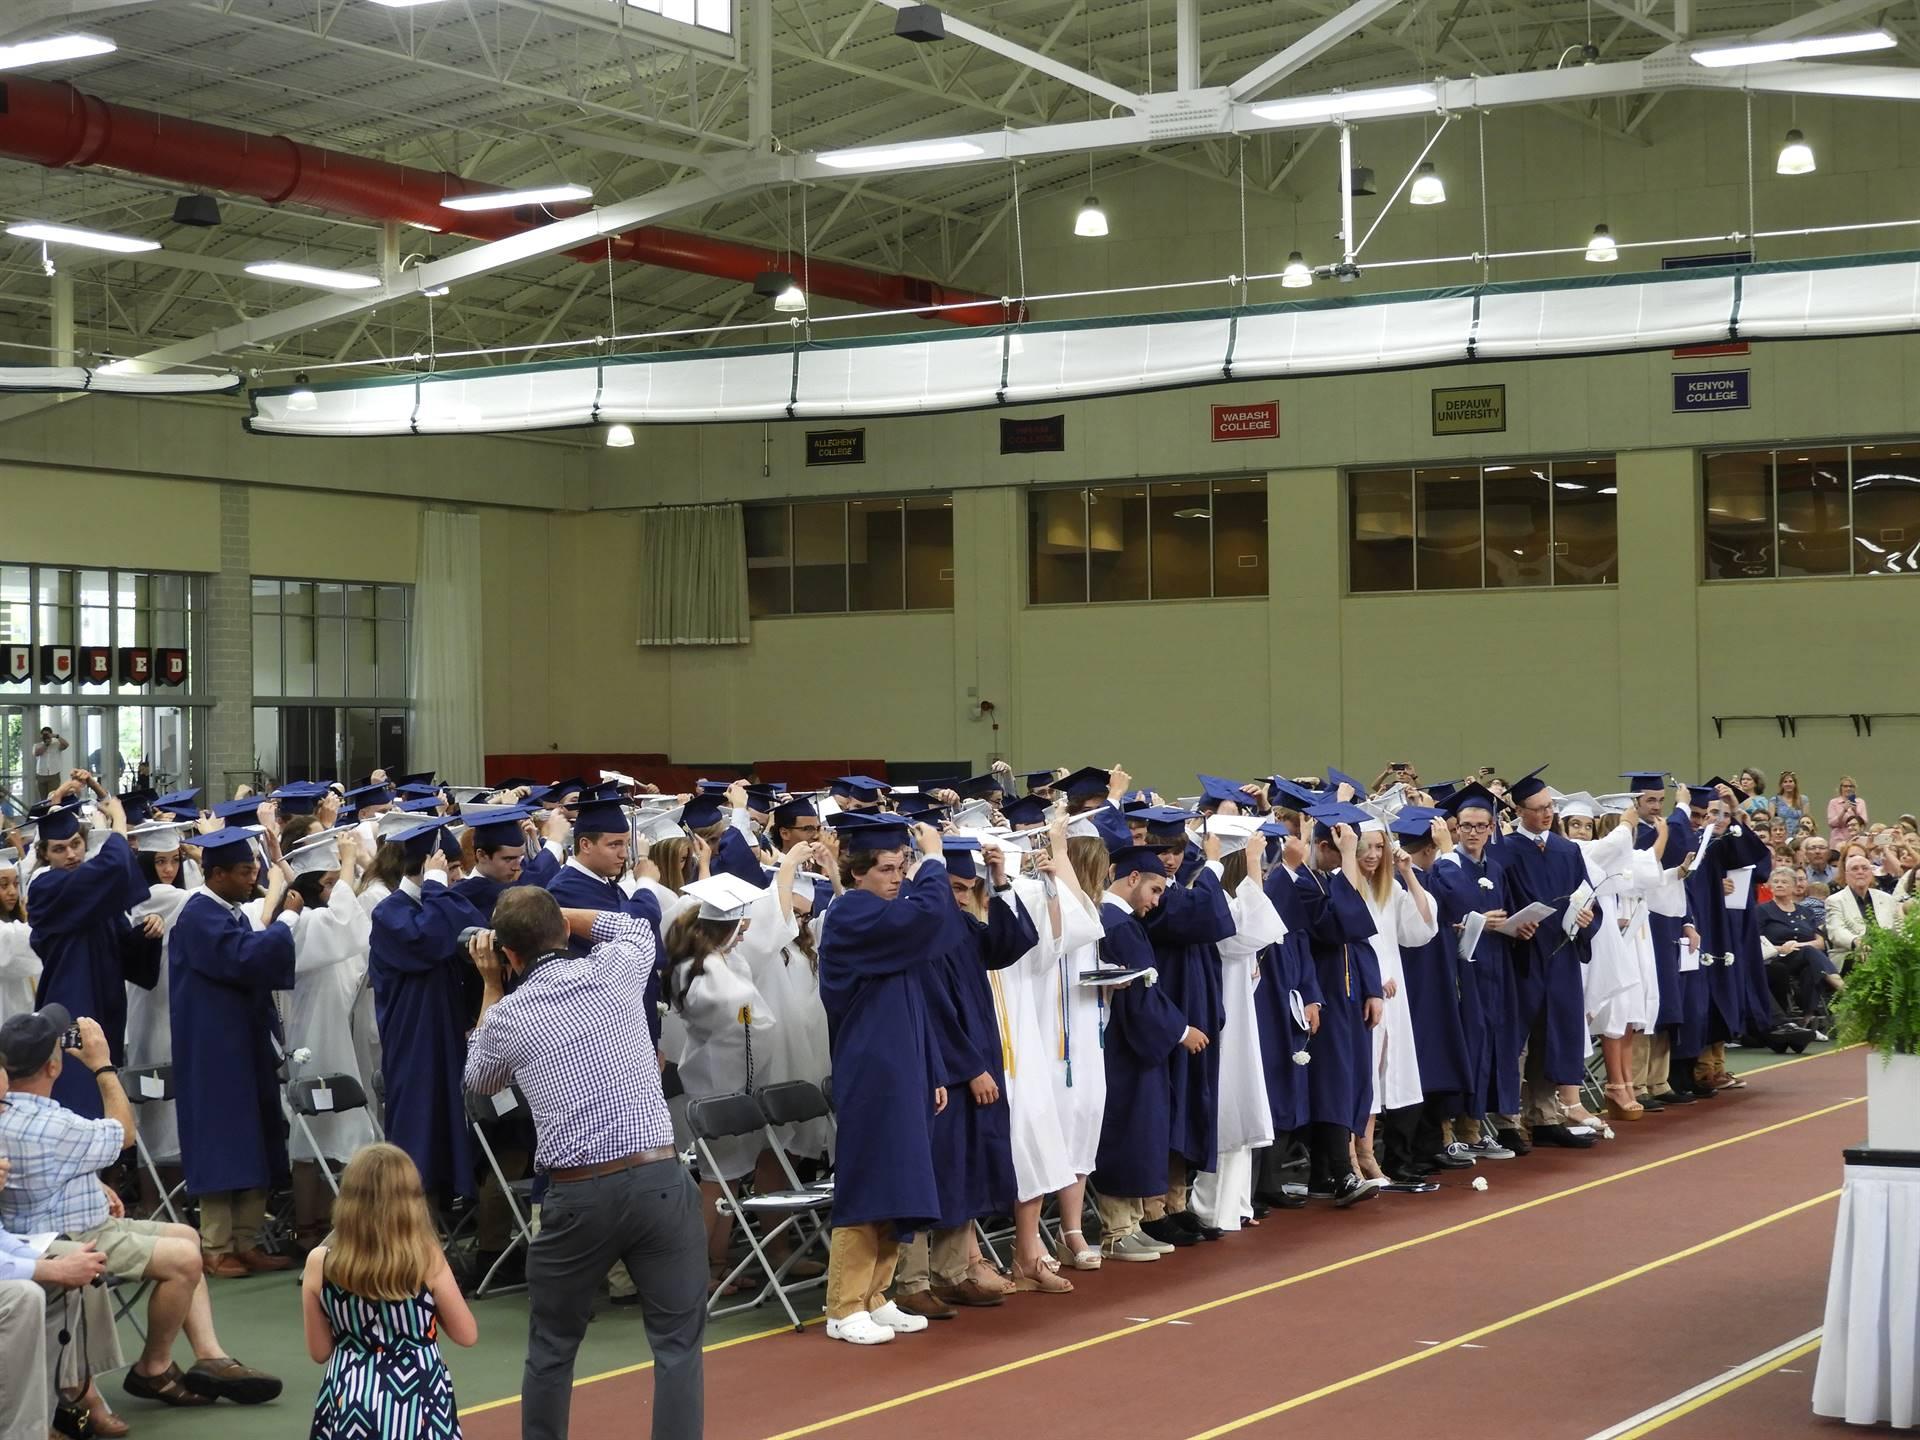 Class of 2018 - Graduates Move Tassels